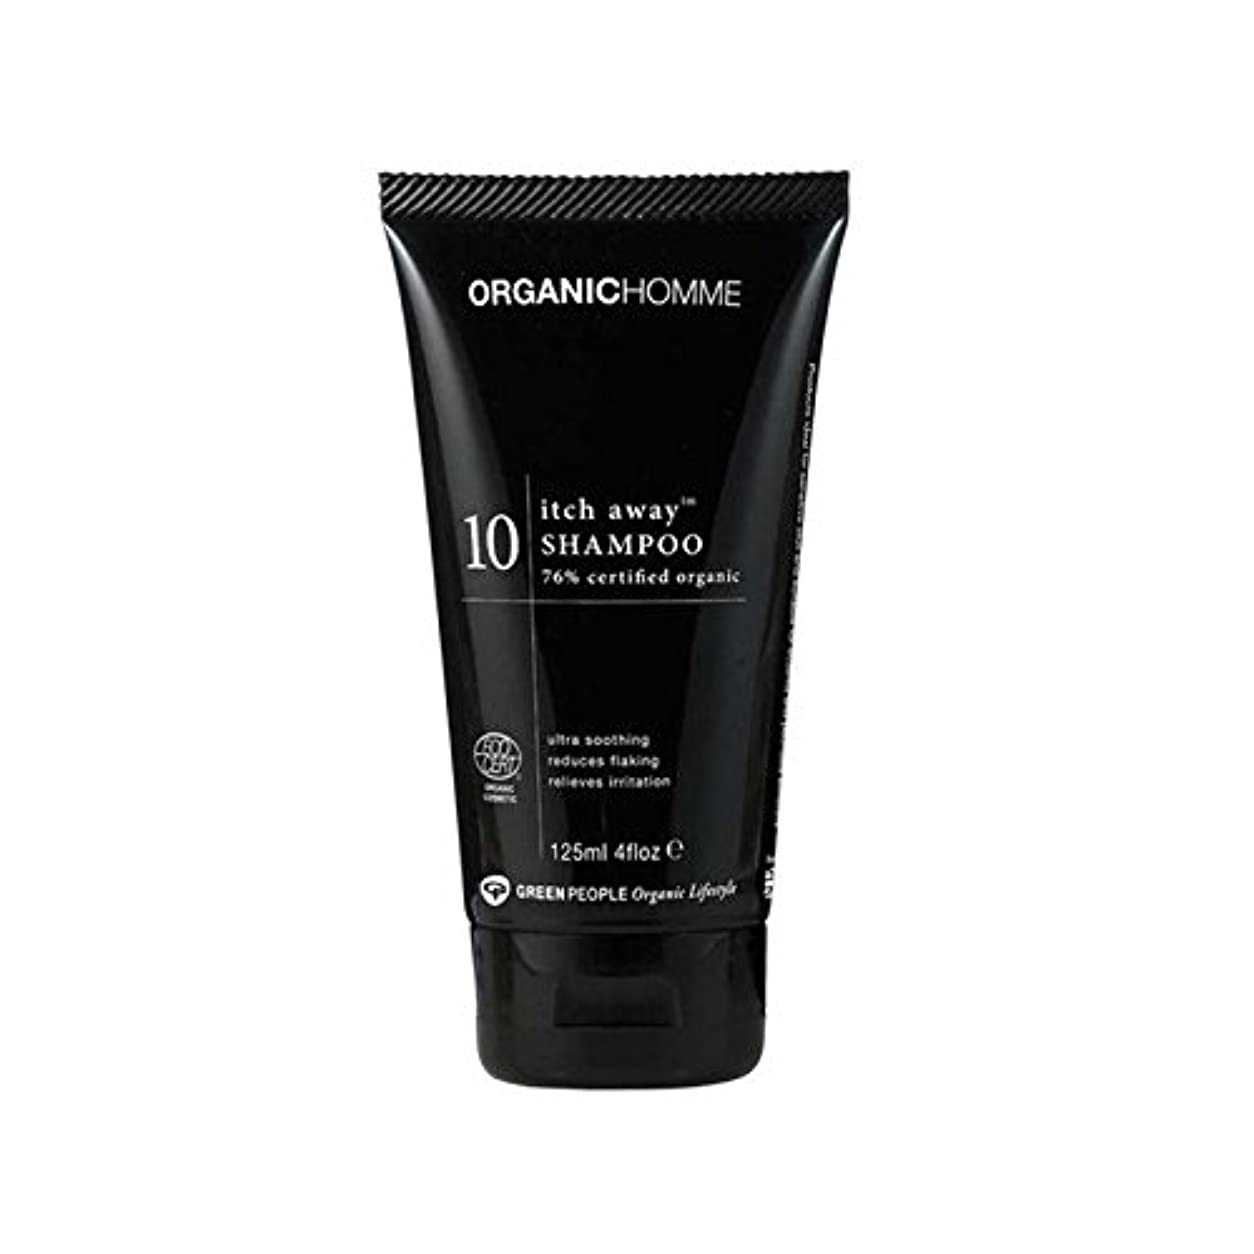 北方モバイルタクトGreen People Organic Homme 10 Itch Away Shampoo (125ml) (Pack of 6) - 緑の人々の有機オム10かゆみ離れシャンプー(125ミリリットル) x6 [並行輸入品]